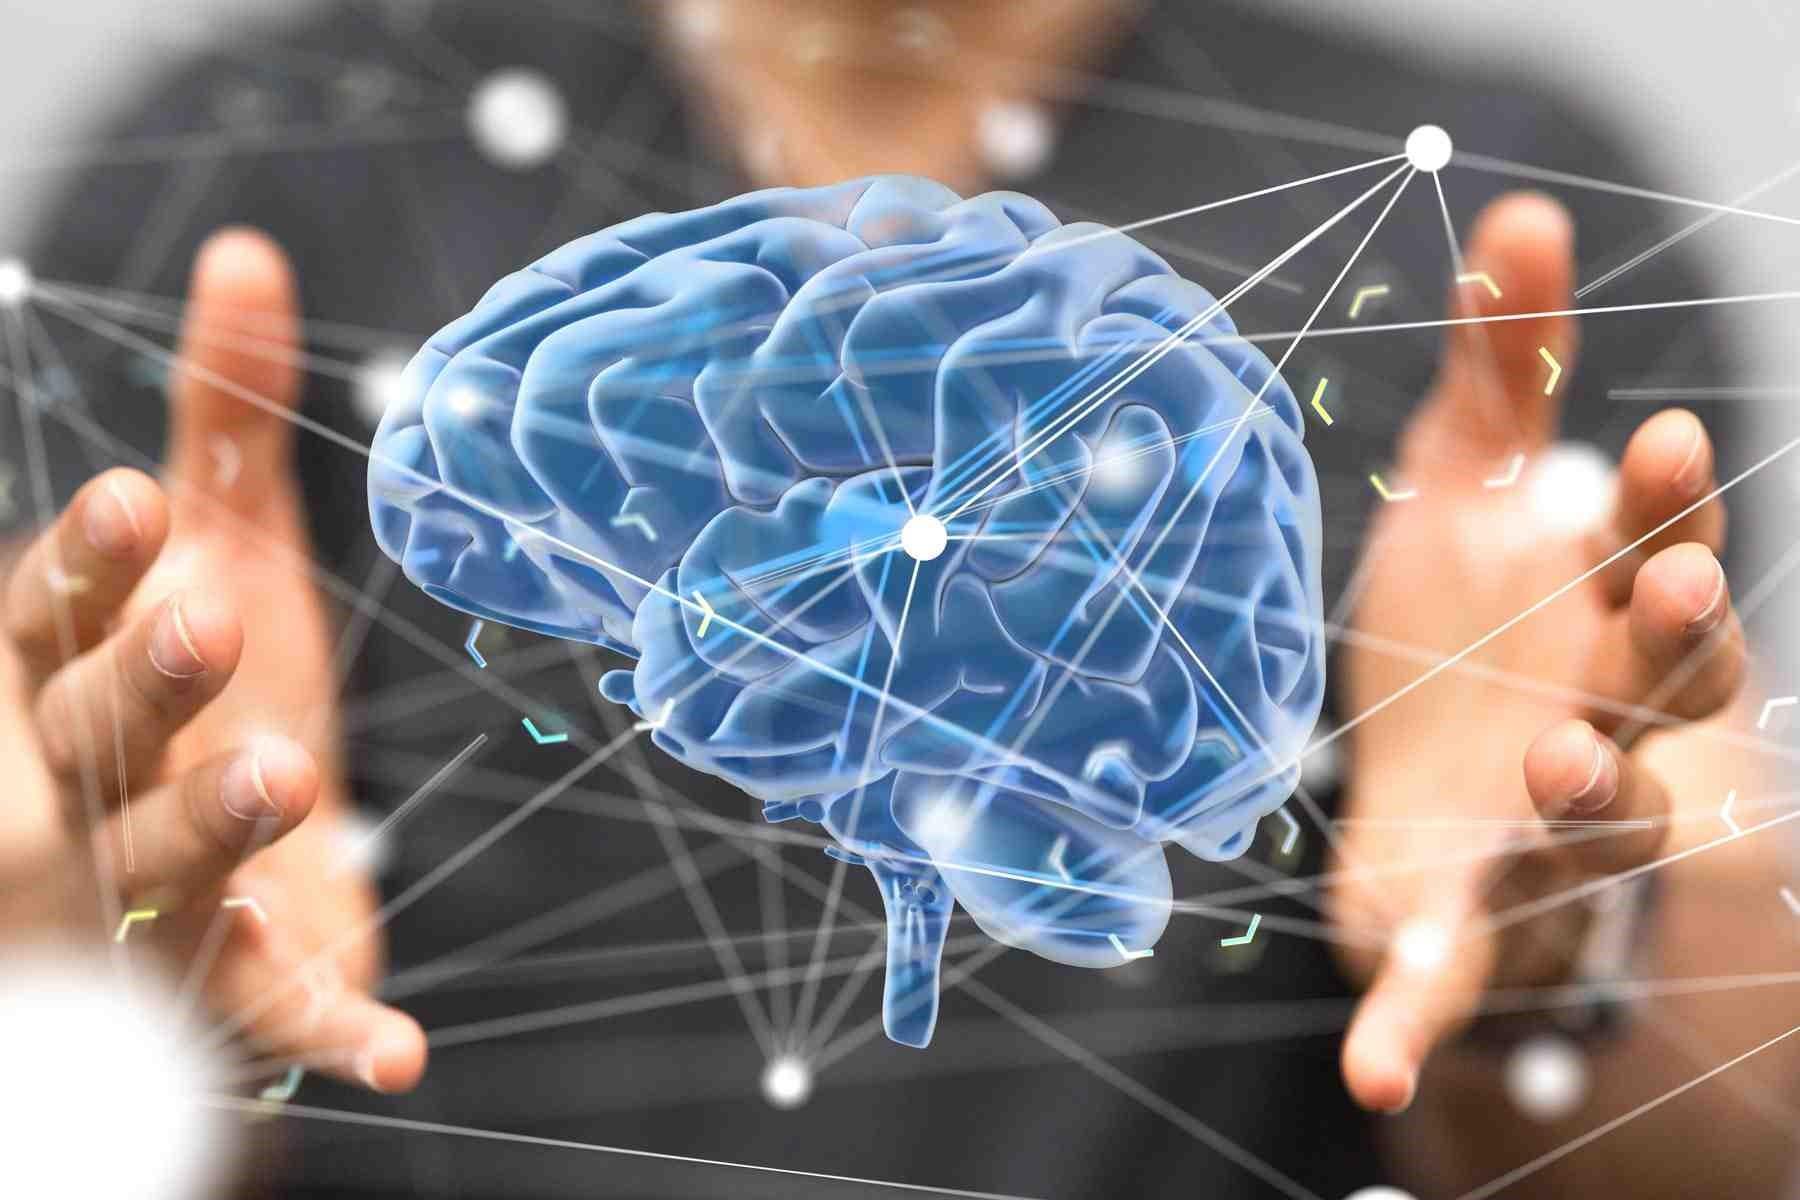 Tome o controle do seu cérebro, controle seus pensamentos e o medo de falar em público.